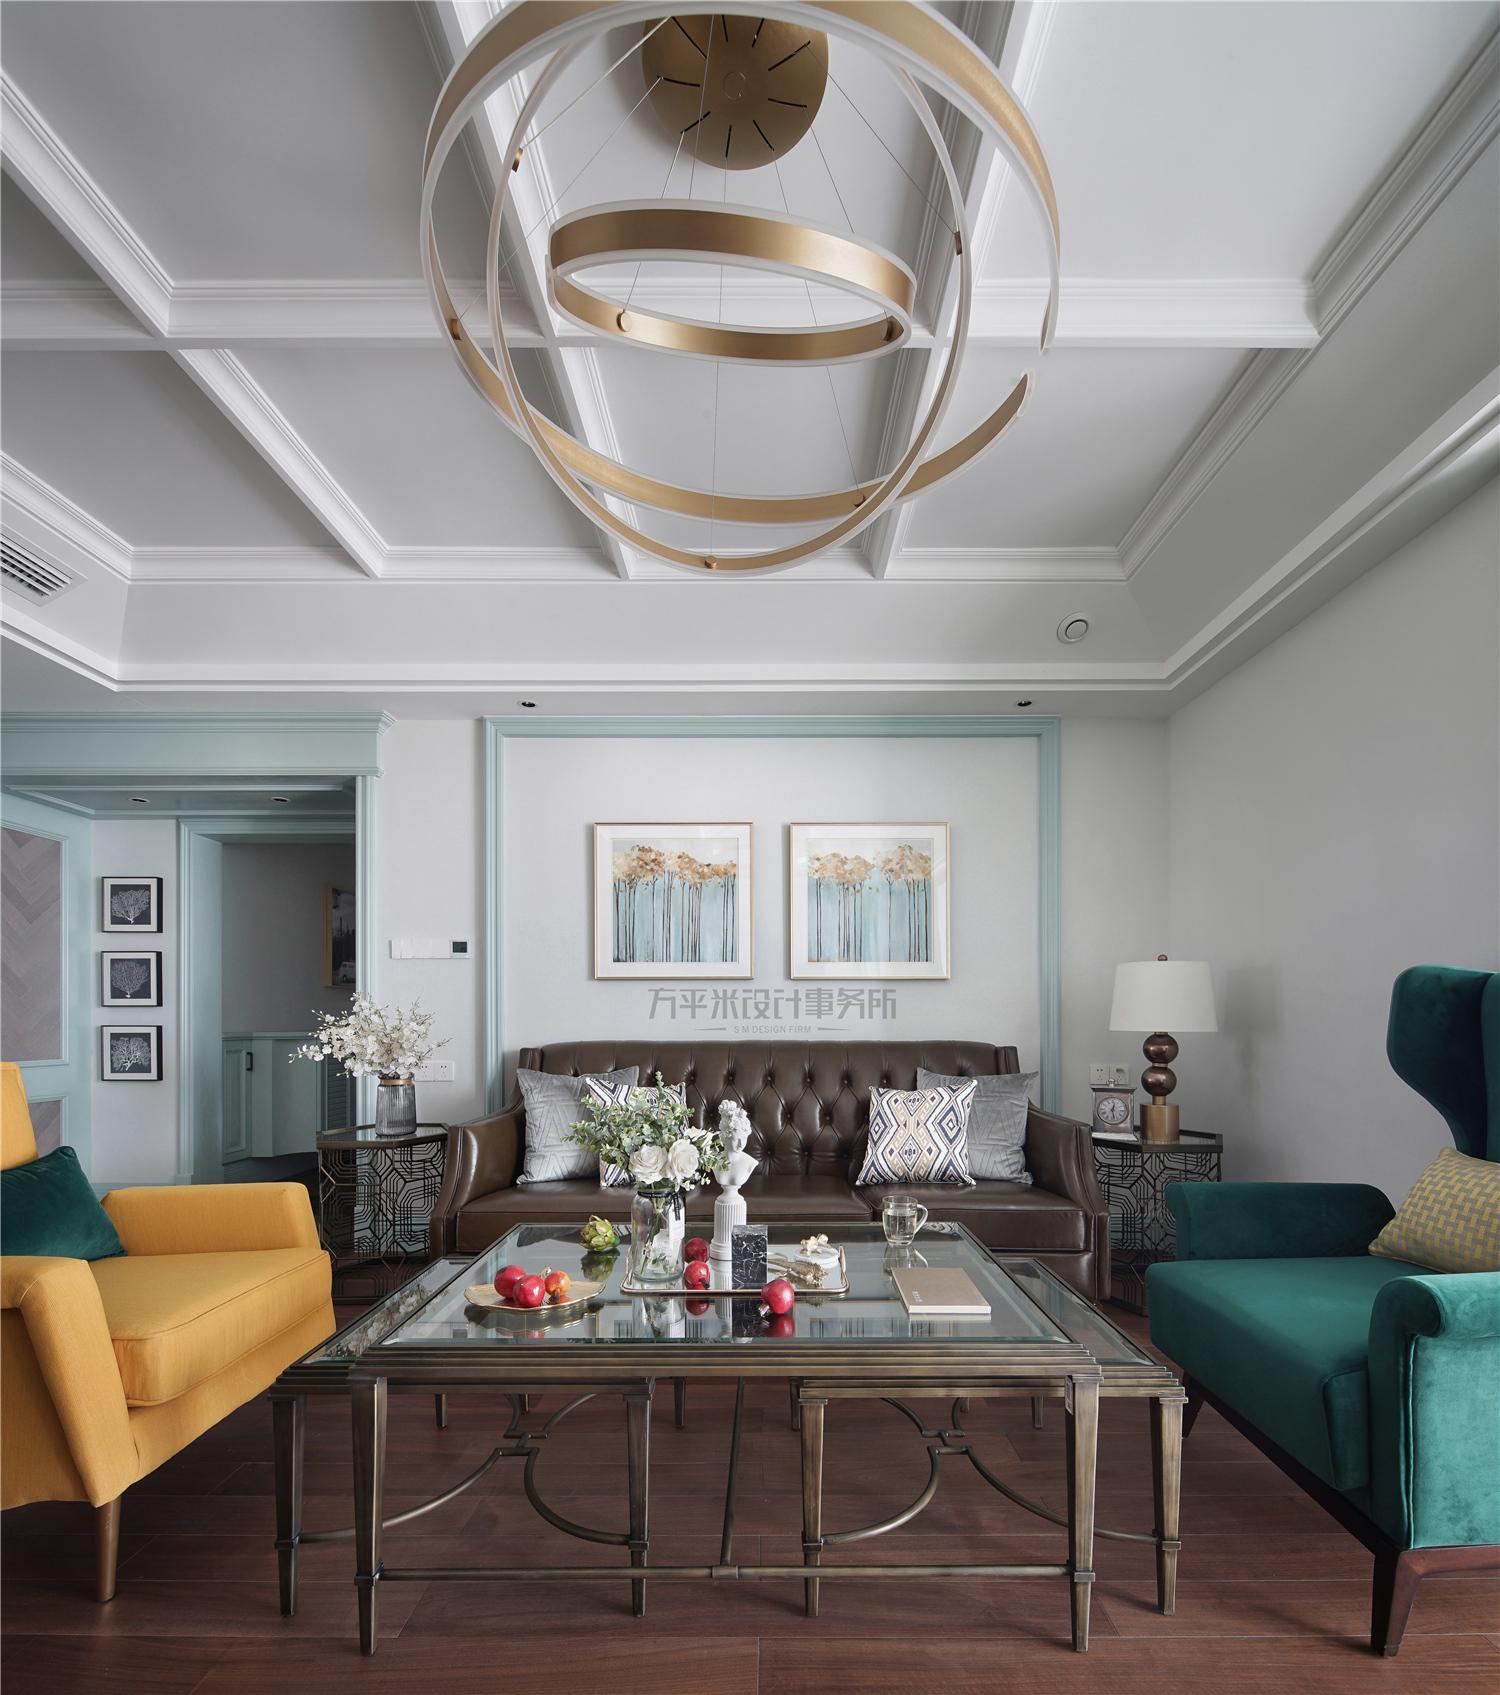 美式风格四房装修客厅吊灯设计